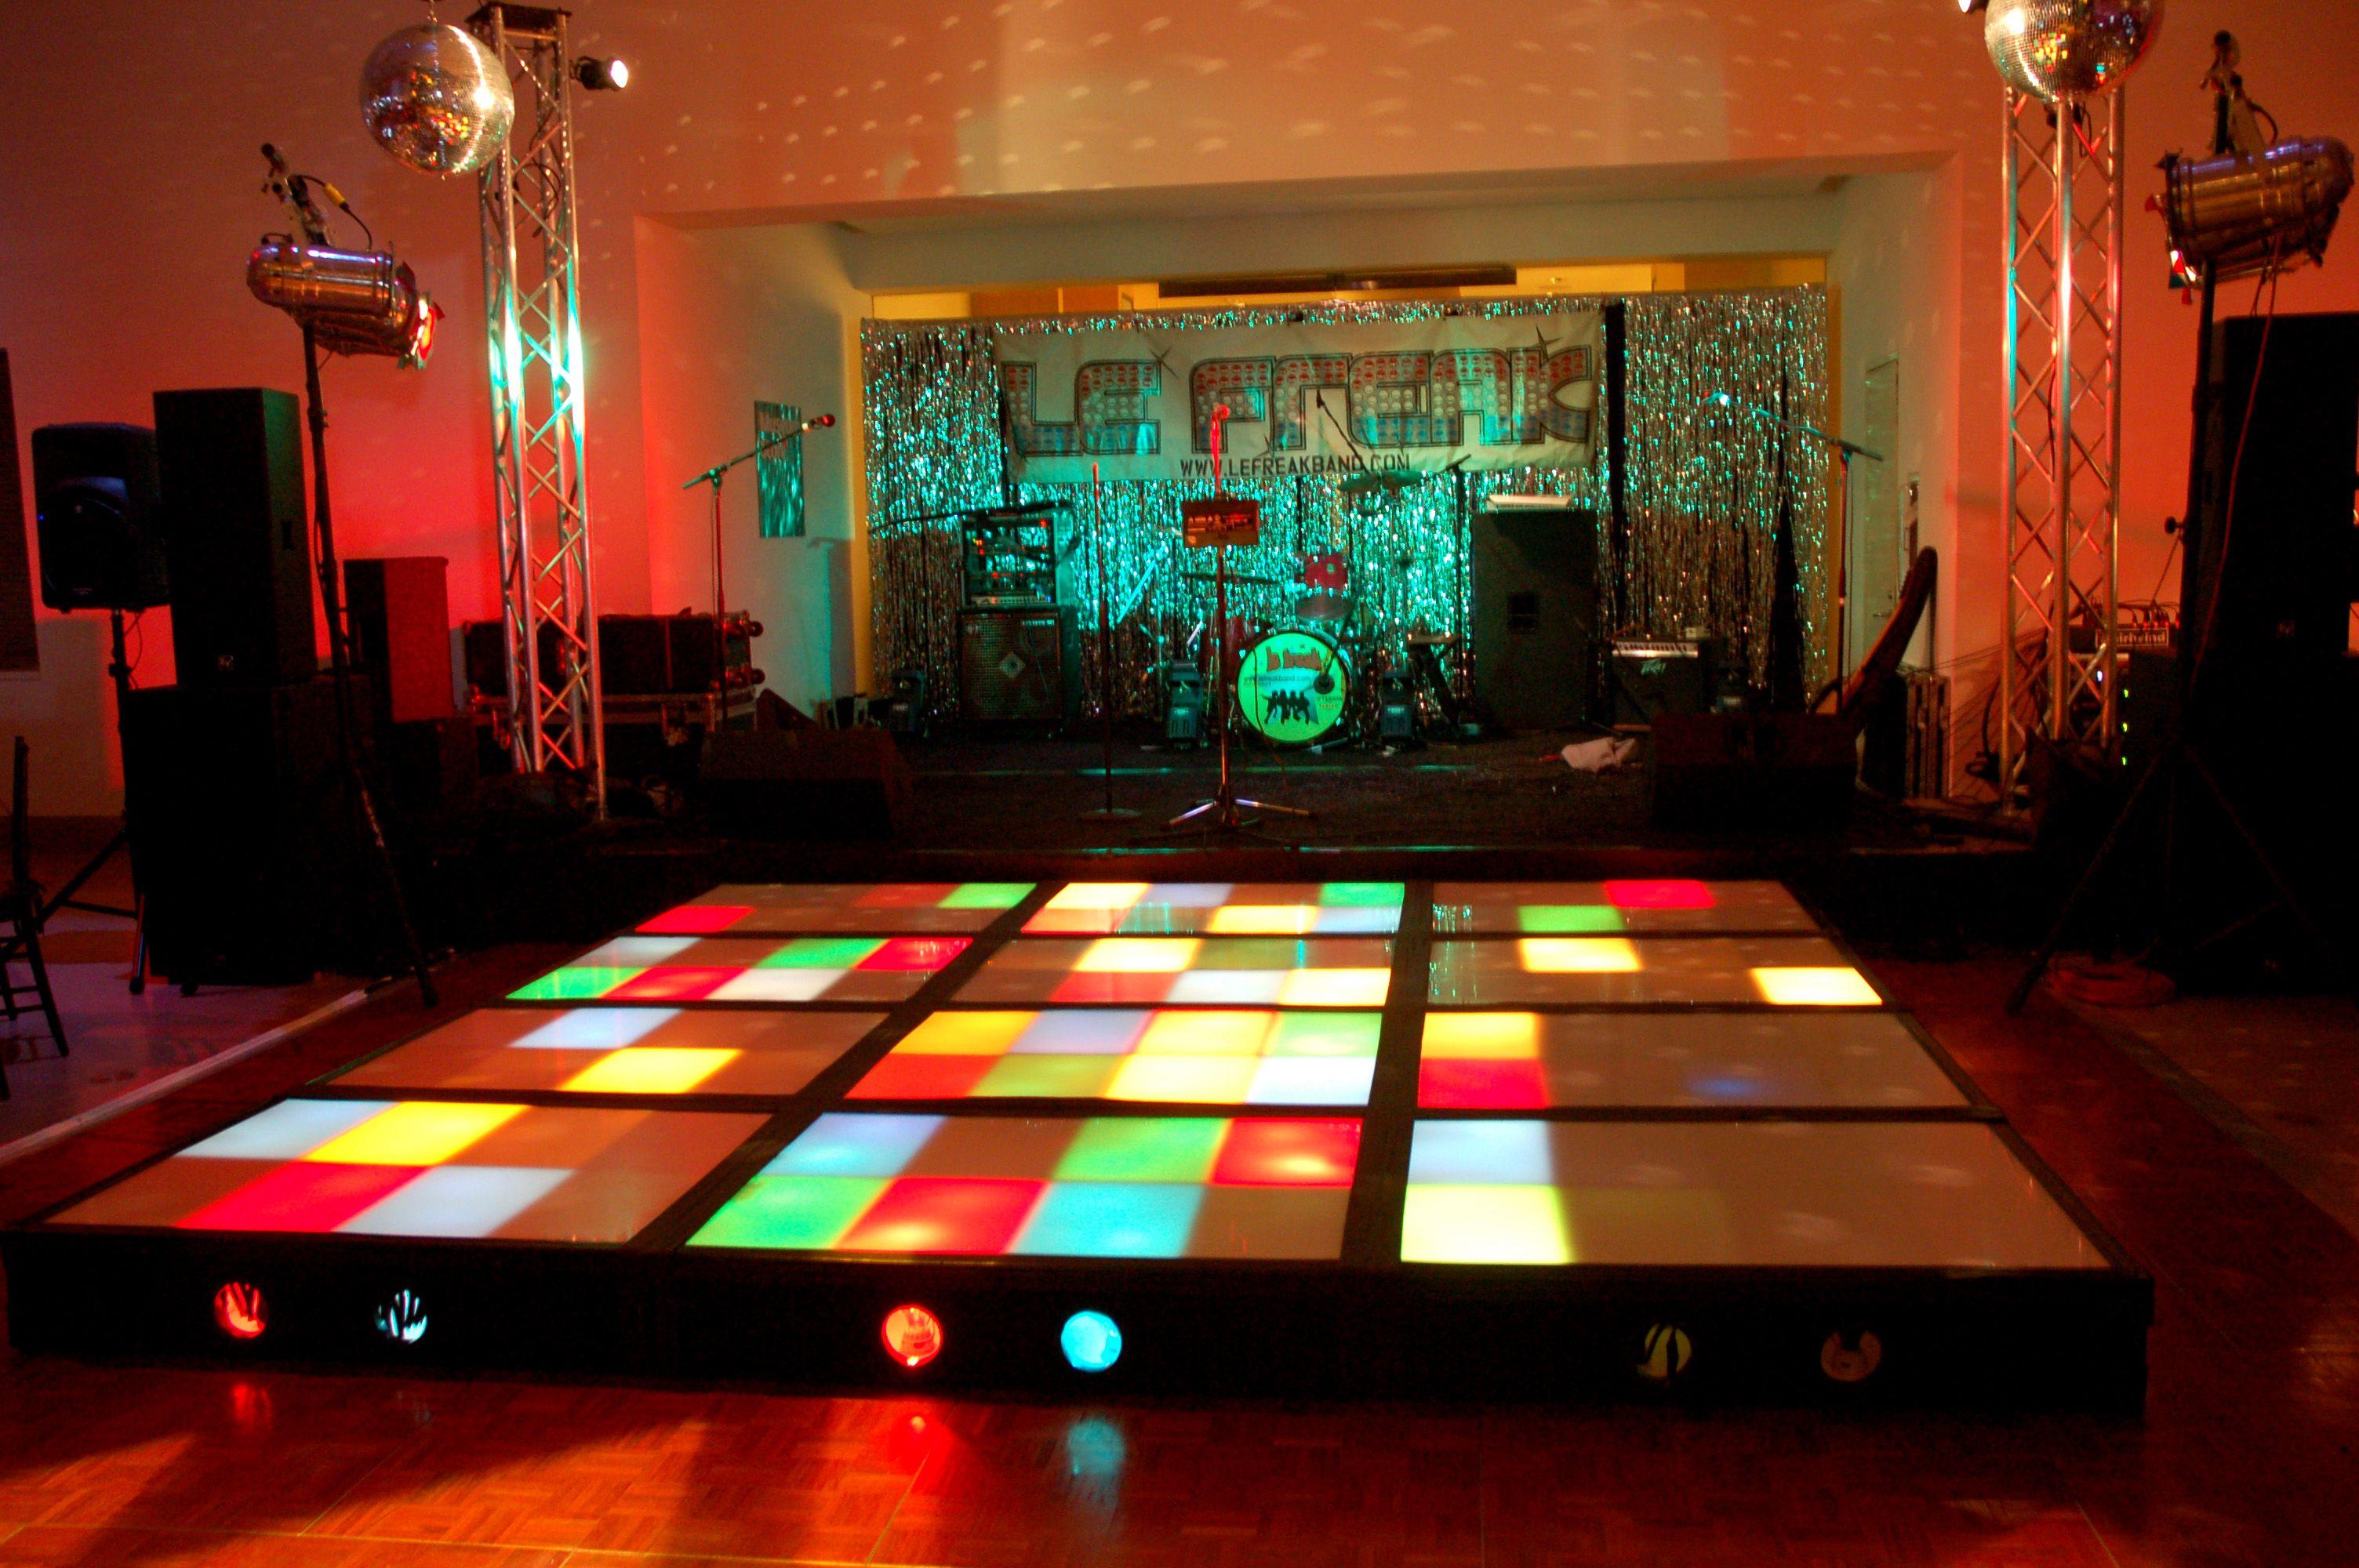 Lighted Dance Floor Light Up Dance Floor Saturday Night Fever Dance Dance Floor